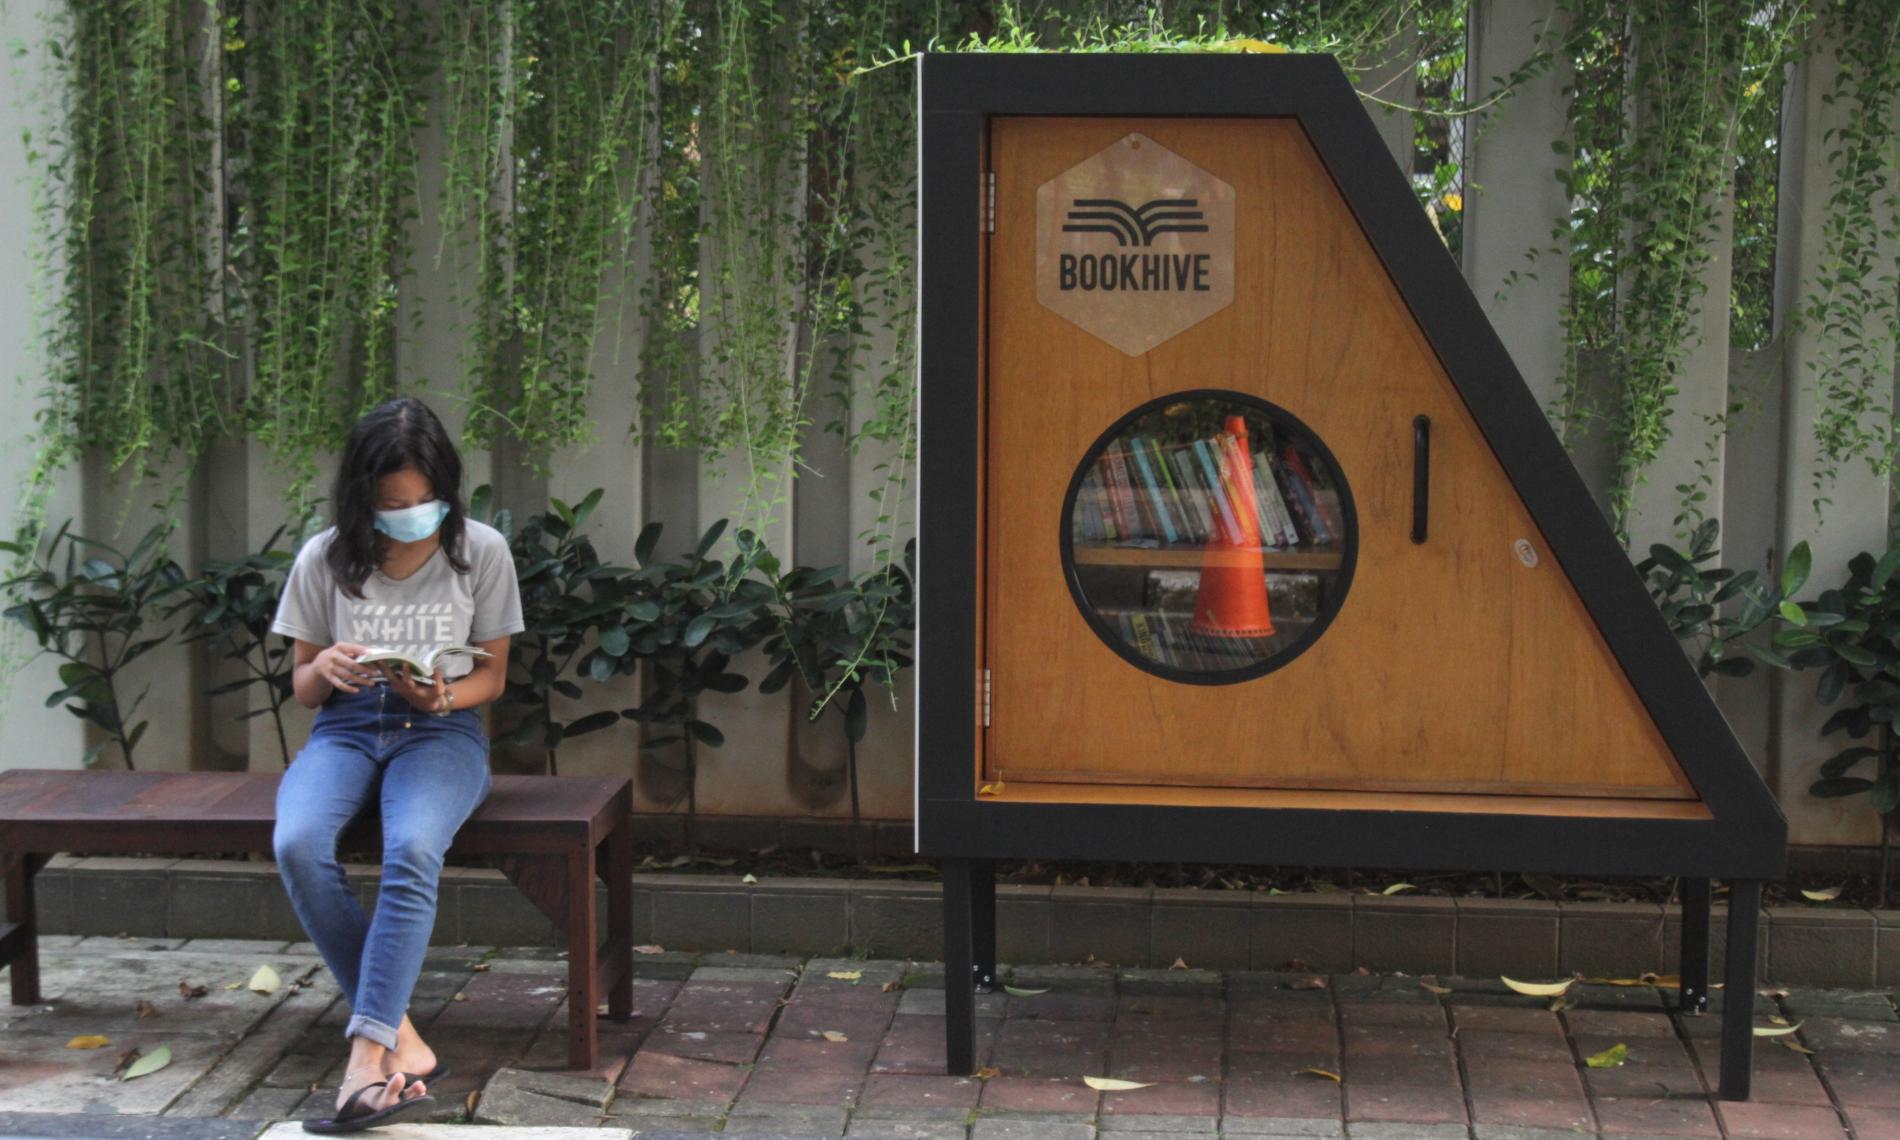 Perpustakaan Bersama Bookhive di Taman Situ Lembang